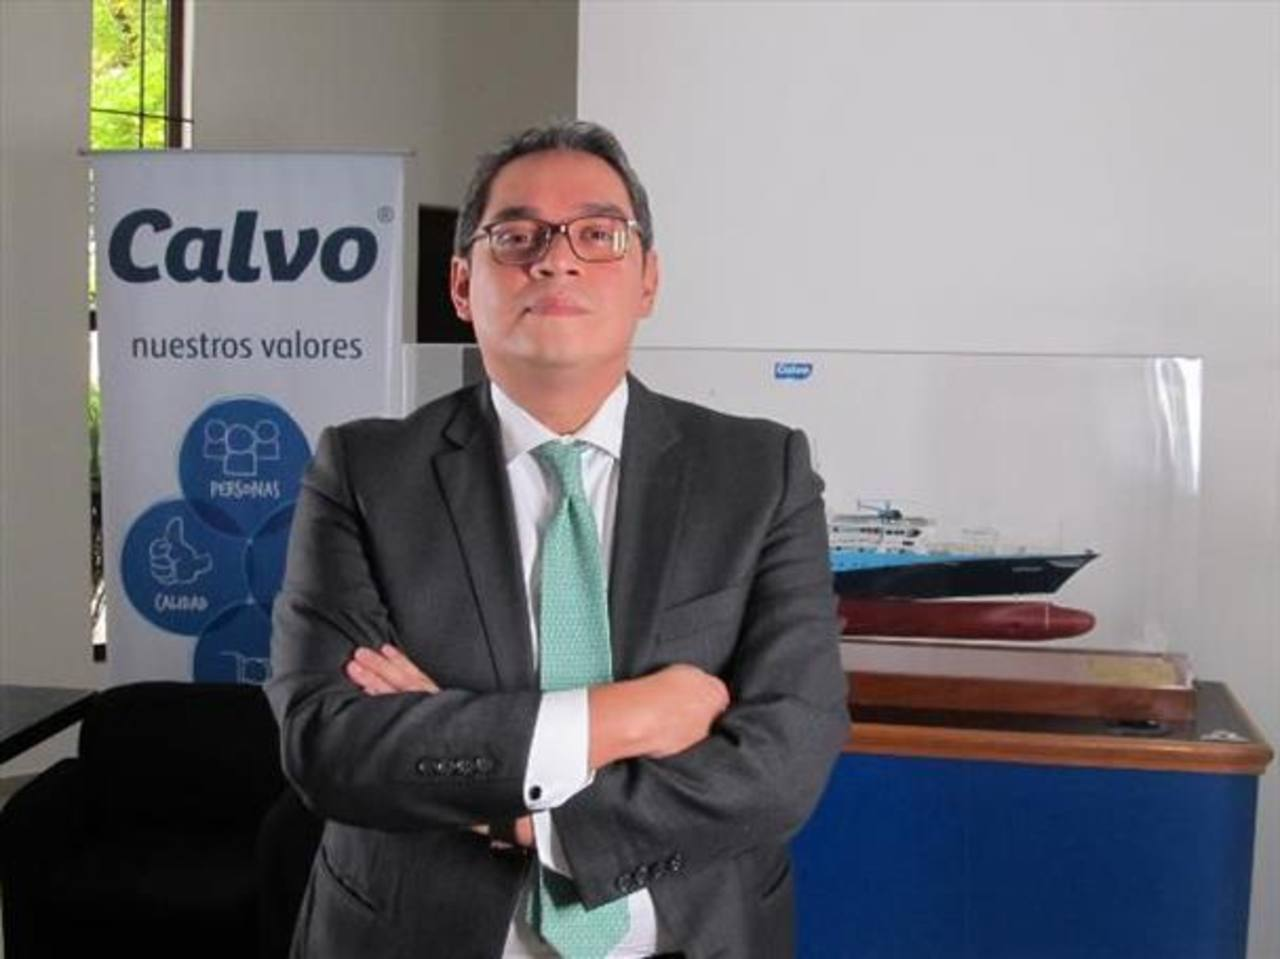 Boris Quintanilla está al frente las operaciones de Calvo en El Salvador desde el año pasado. El profesional asegura que en 2014 las operaciones crecerán entre 10 y 12 %.